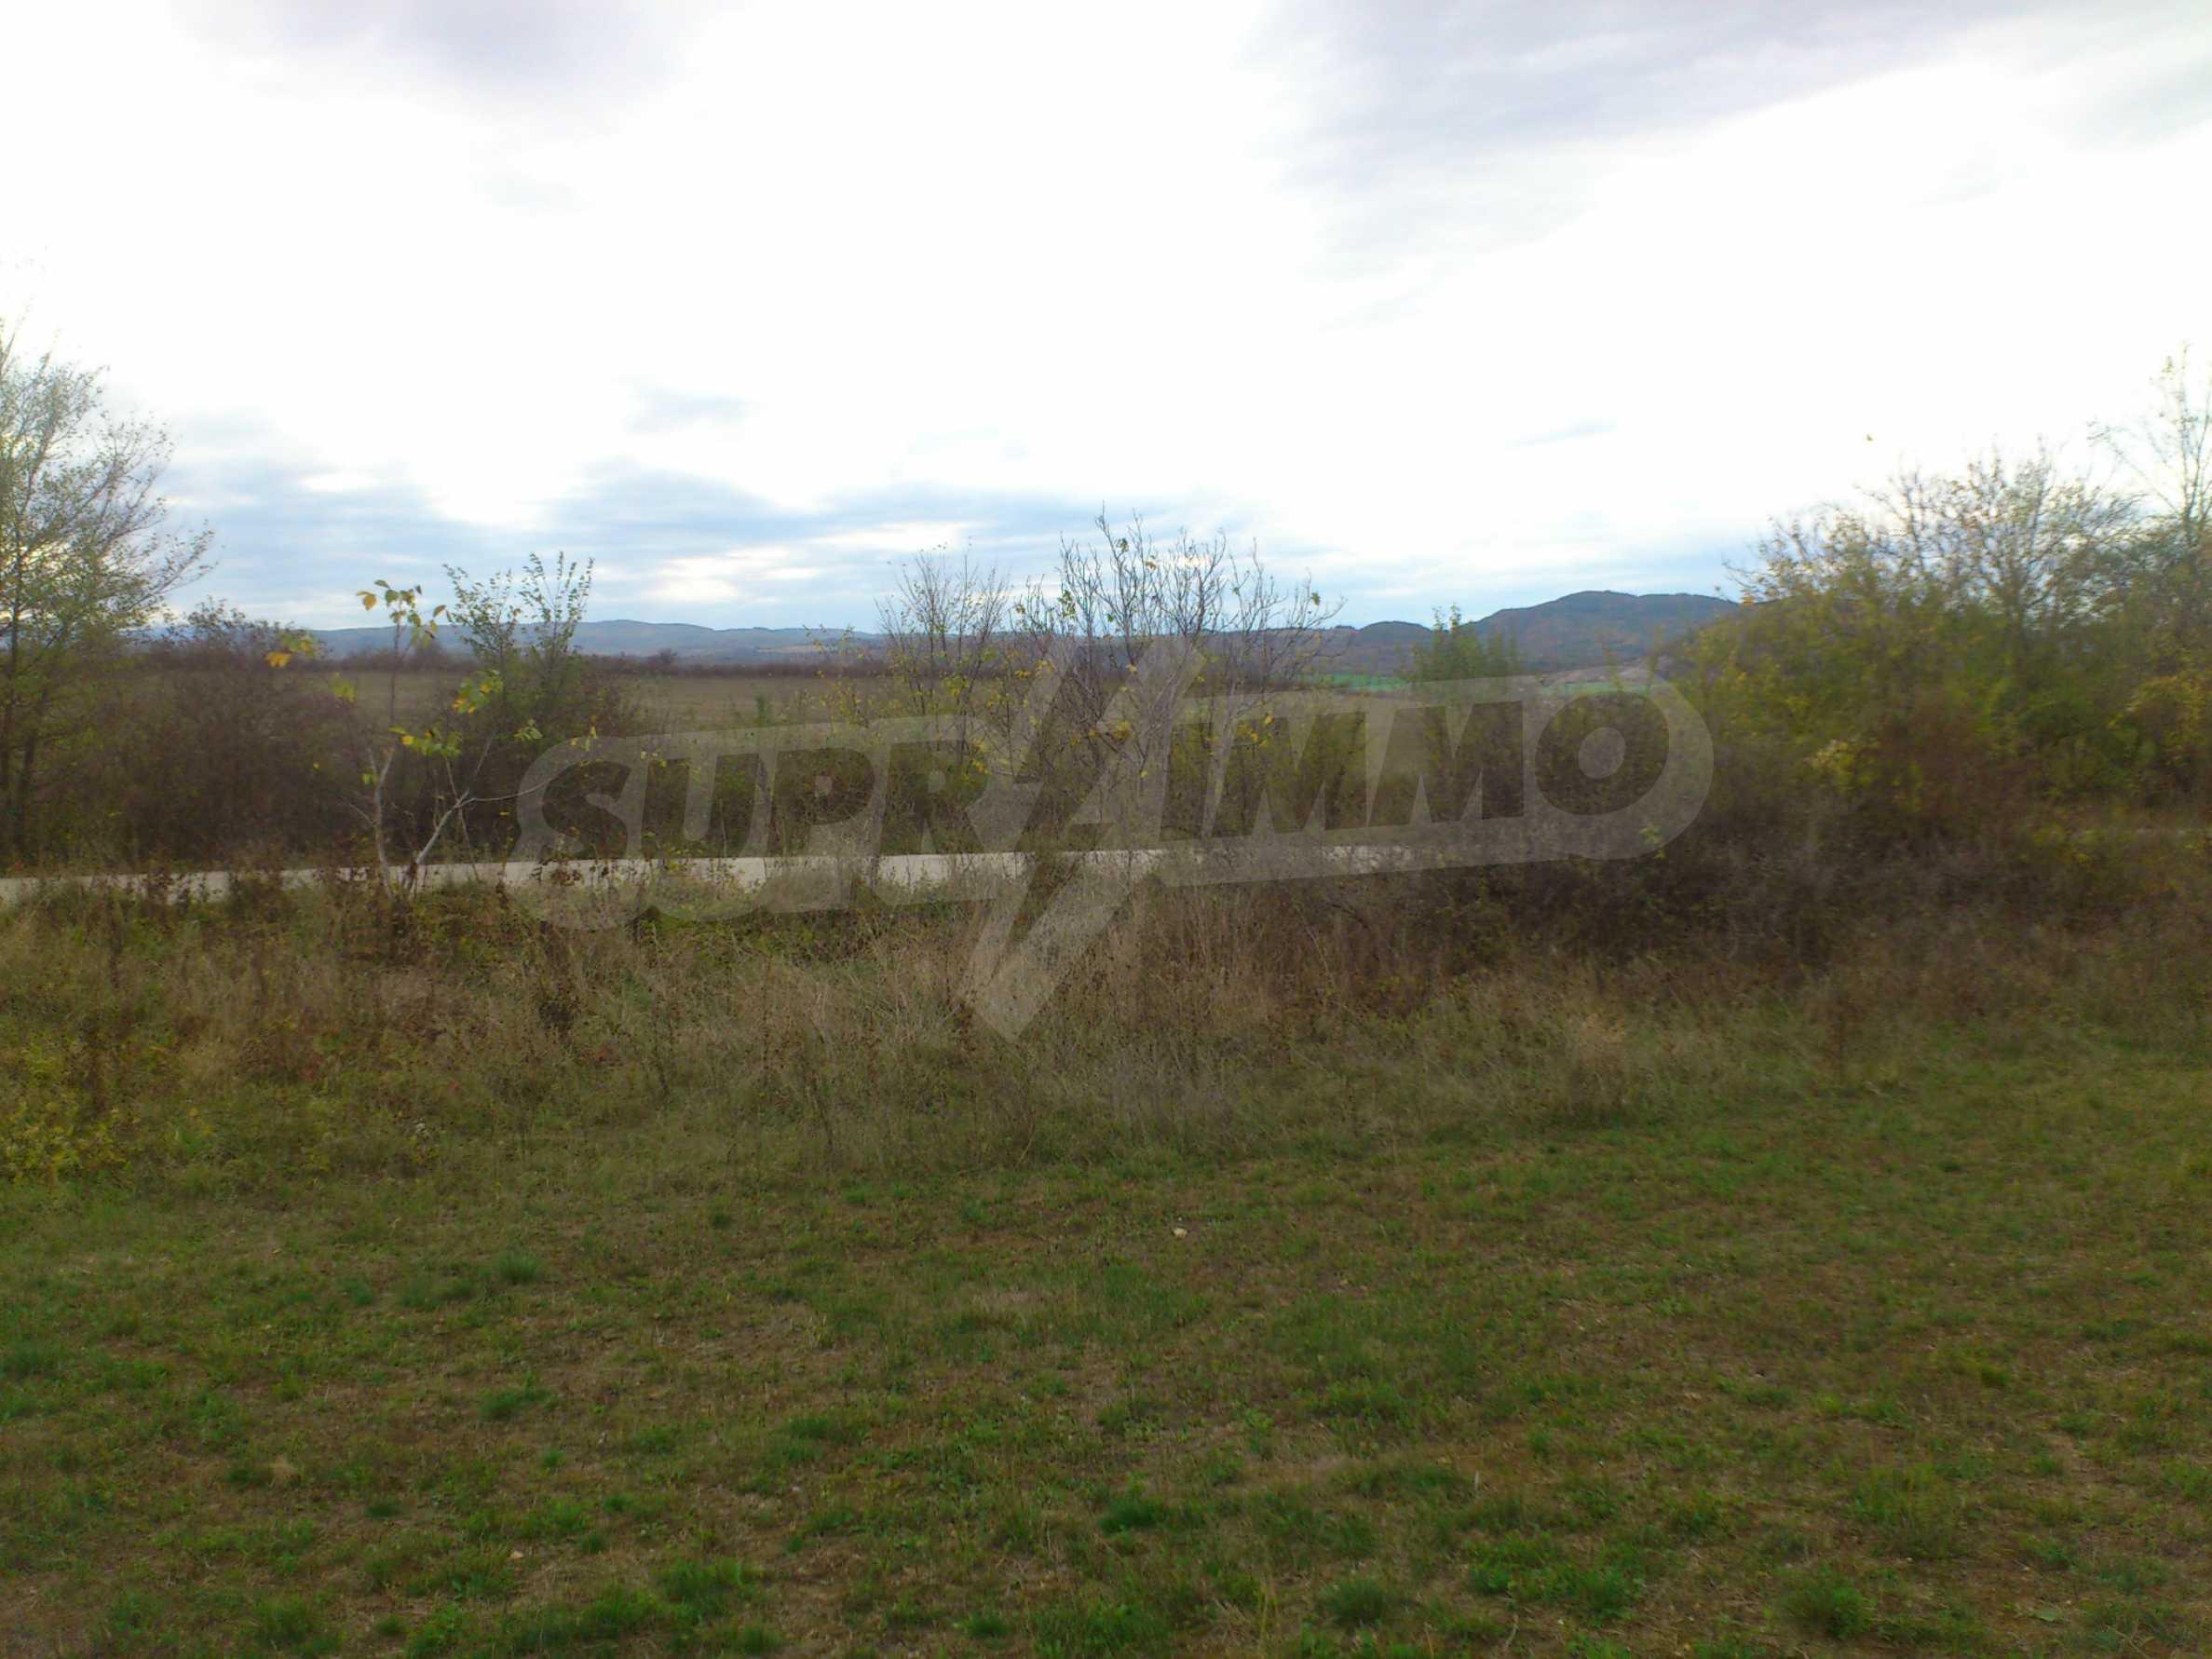 Grundstück 3 km von Veliko Tarnovo entfernt mit Blick auf eine Asphaltstraße 1